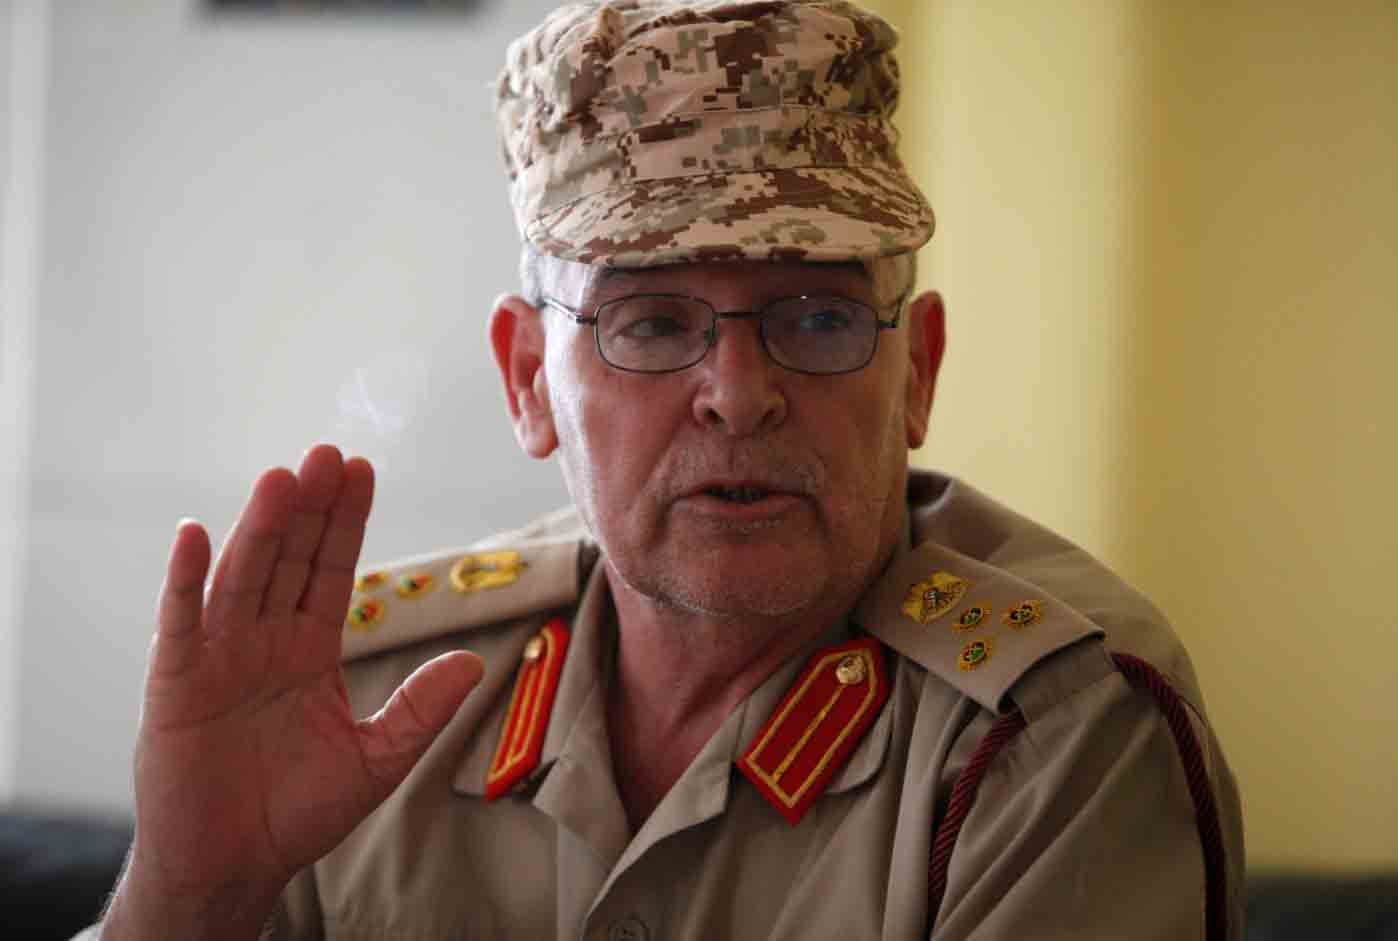 الناطق باسم وزارة الدفاع التابعة لحكومة الوفاق الوطني، العميد محمد الغصري